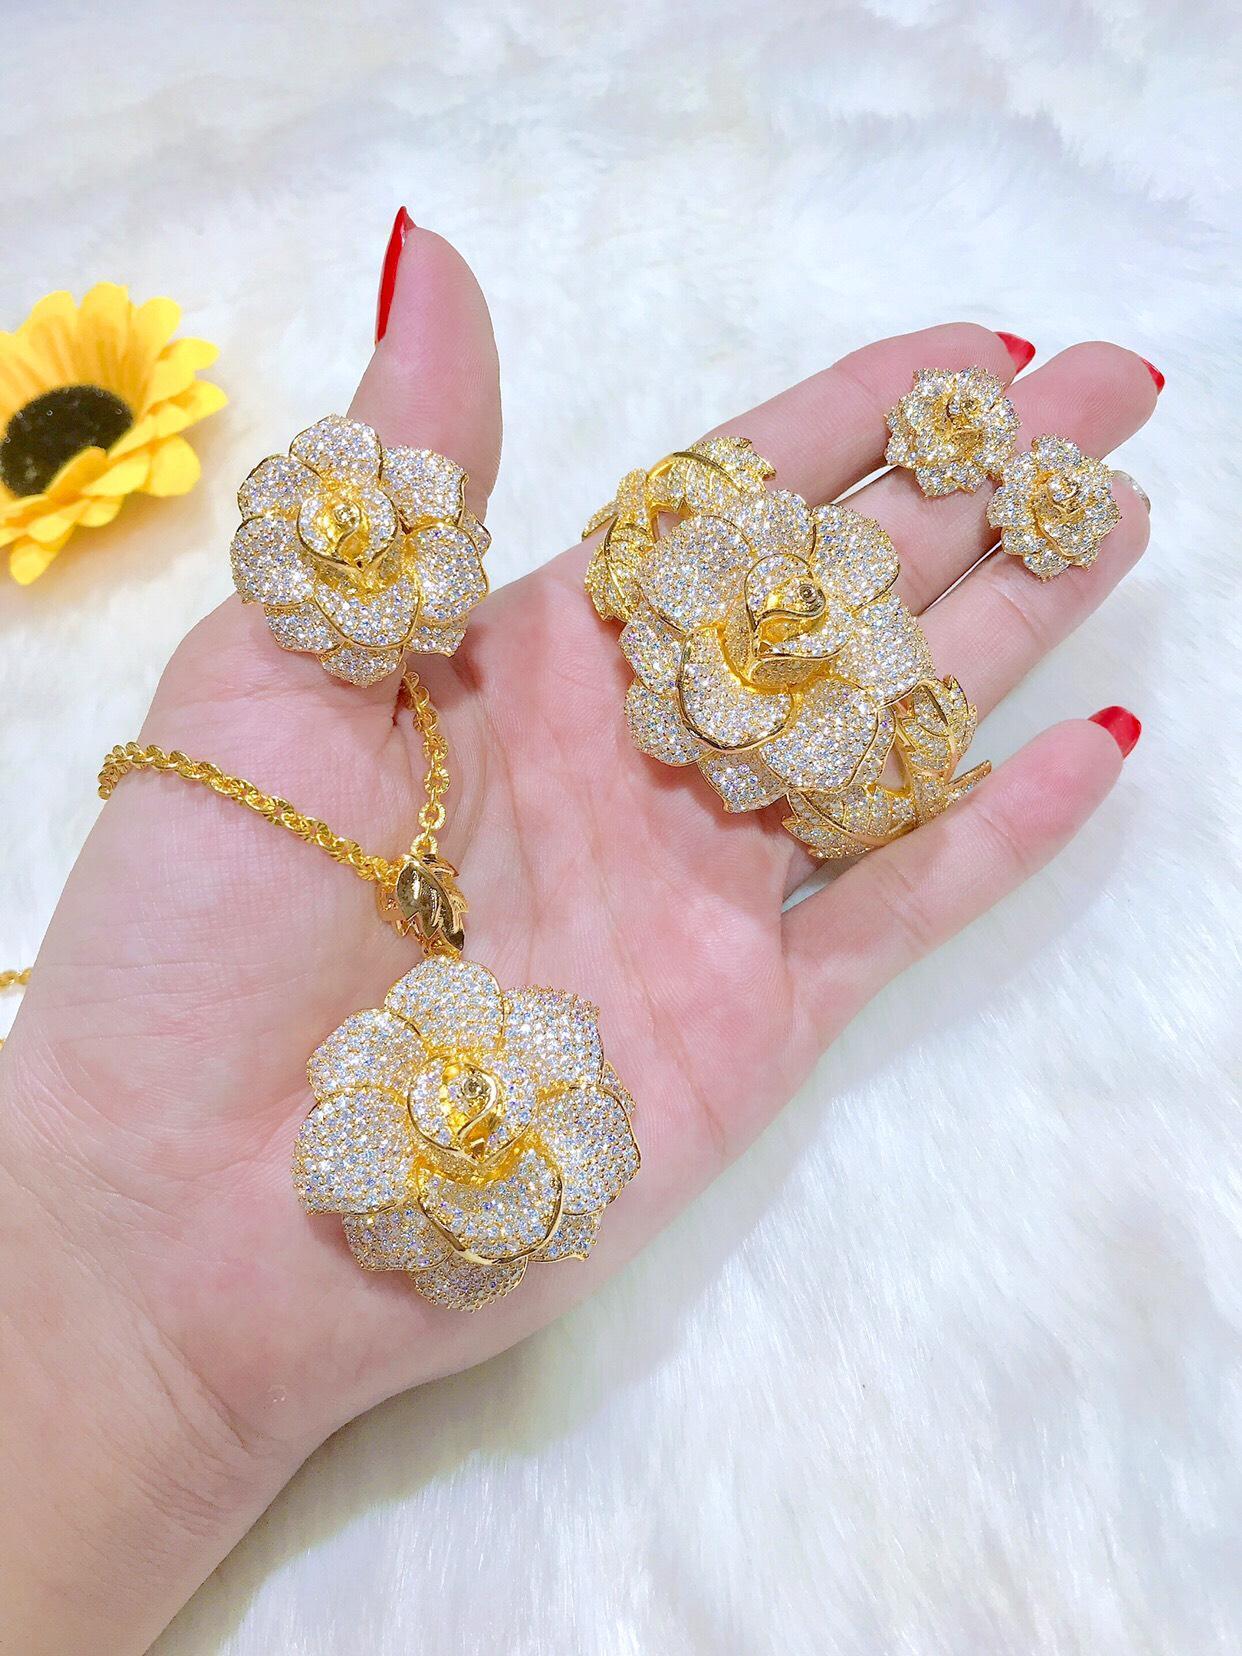 [Bộ Trang Sức Hoa Phong Lan - Bền Màu, Cam Kết Không Đen] Thiết Kế Sang Trọng Phù Hợp Với Mọi Lứa Tuổi, Đặc Biết Giống Vàng 99% - Givi - VB4260560 bộ trang sức vàng tây đẹp , các bộ trang sức đẹp , mẫu bộ trang sức đẹp , những bộ nữ